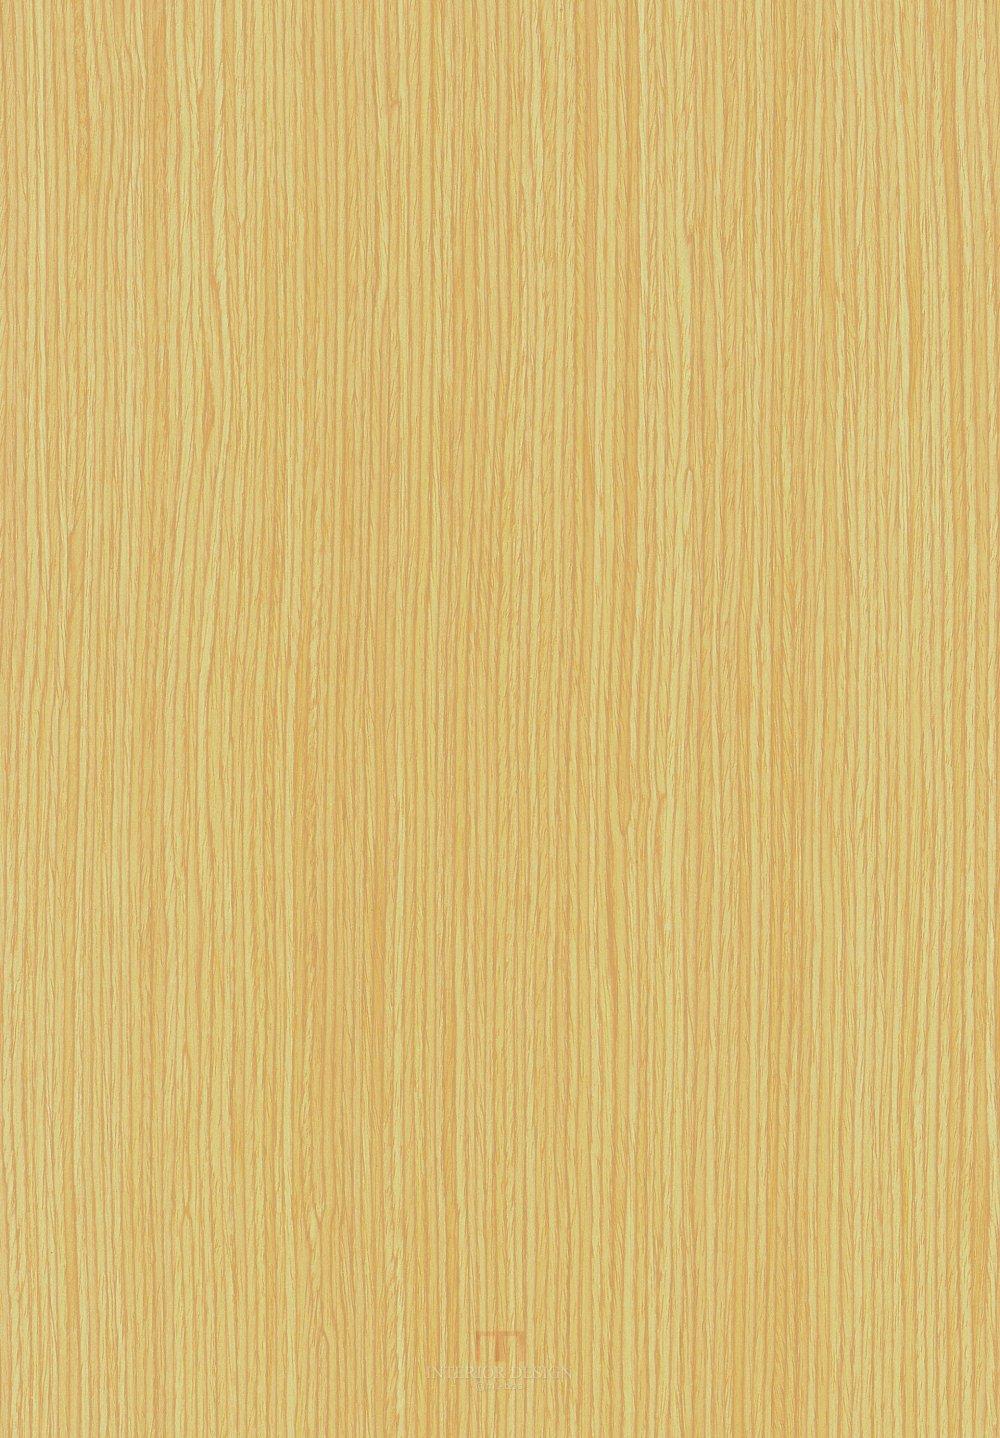 人造木纹_K6204_F0603.jpg